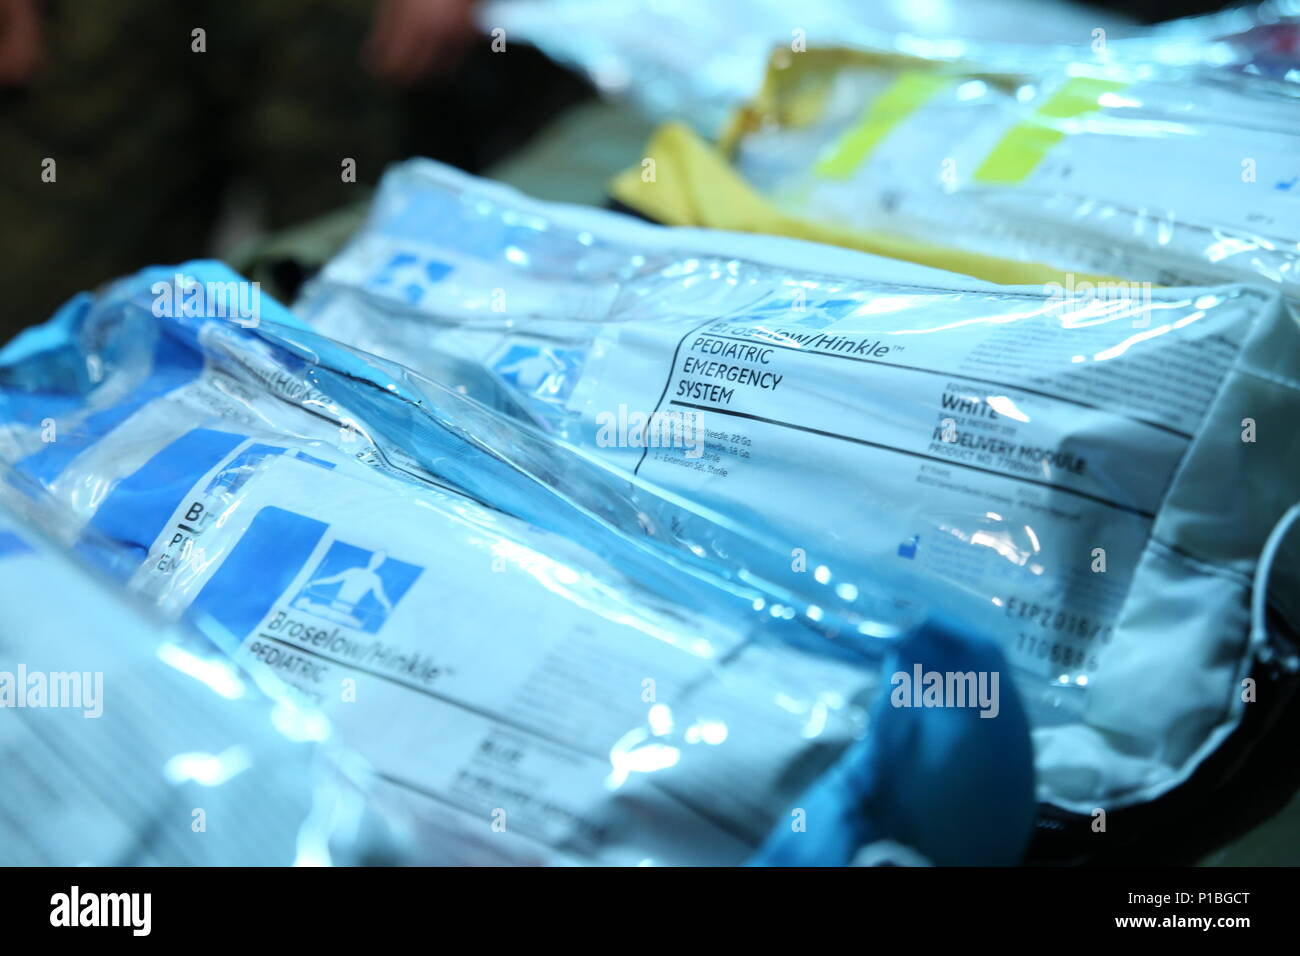 Eine Reihe von Broselow Pädiatrie Emergency Kits, Gewicht-basierten Reanimation medizinische Ausrüstung für Kinder, liegen auf einer Bahre während pädiatrische Krankheit als Teil amphibische Landung Übung 33 (PHIBLEX 33) in Kol. Ernesto Ravina Air Base, Philippinen, 8. Oktober 2016. Schock und Trauma Platoon, Bekämpfung der Logistik Bataillon 31, 31 Marine Expeditionary Unit durchgeführt die Ausbildung bei PHIBLEX 33 zur Vorbereitung seiner Matrosen Kind, Patienten zu behandeln. PHIBLEX 33 ist eine jährliche US-philippinische Militär bilaterale Übung, kombiniert amphibische Fähigkeiten und Live-Fire Training mit humanitären civic Assi Stockbild